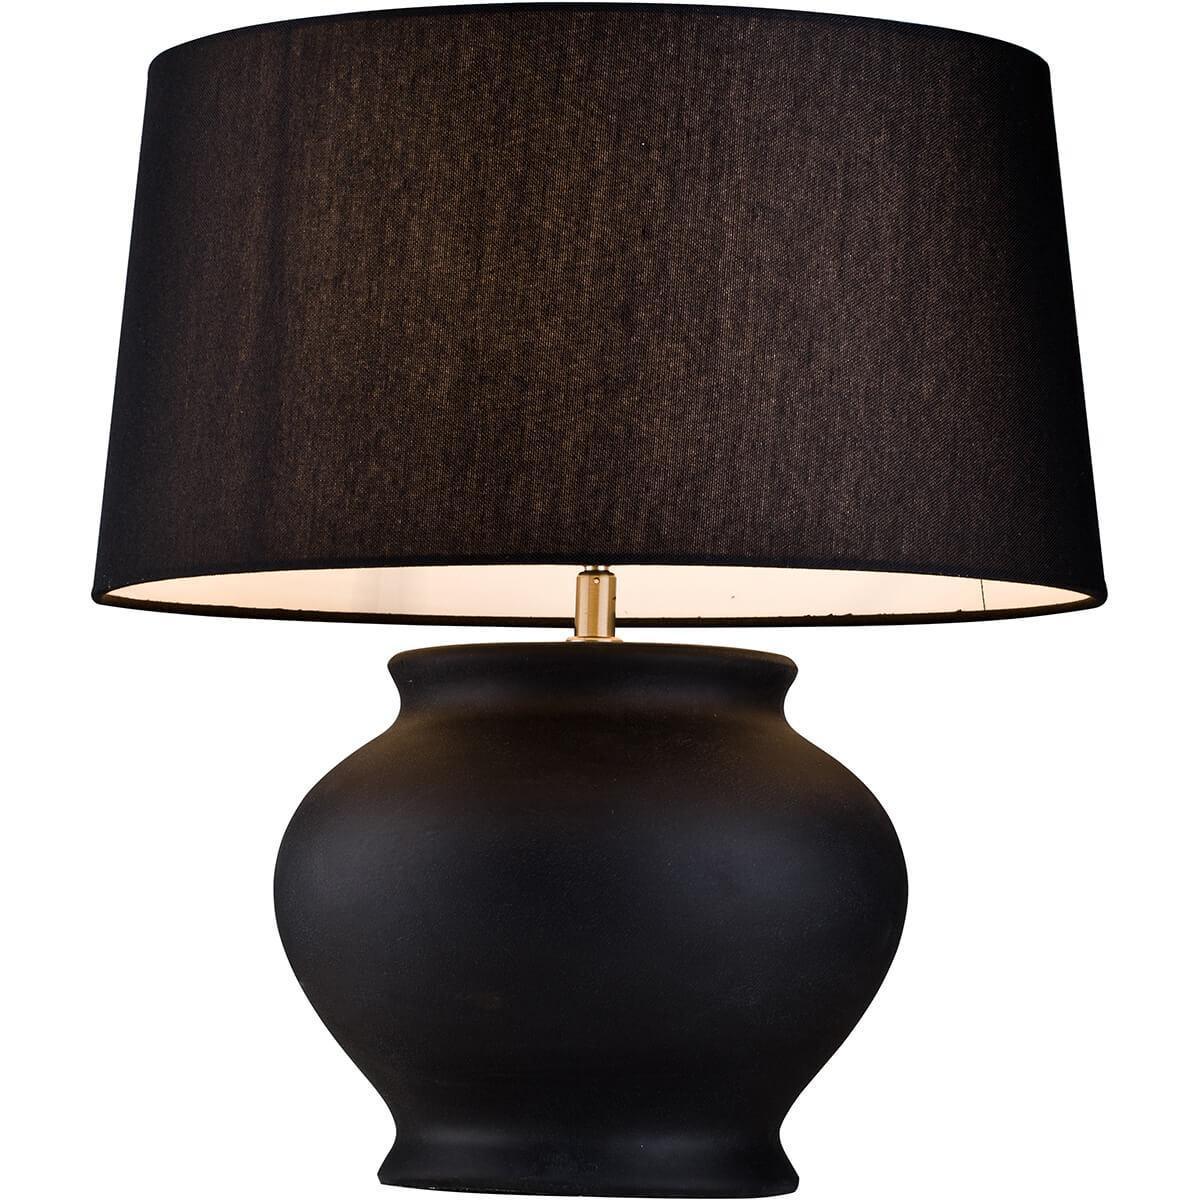 Настольная лампа Lucia Tucci Harrods T940.1 настольная лампа lucia tucci harrods t944 1